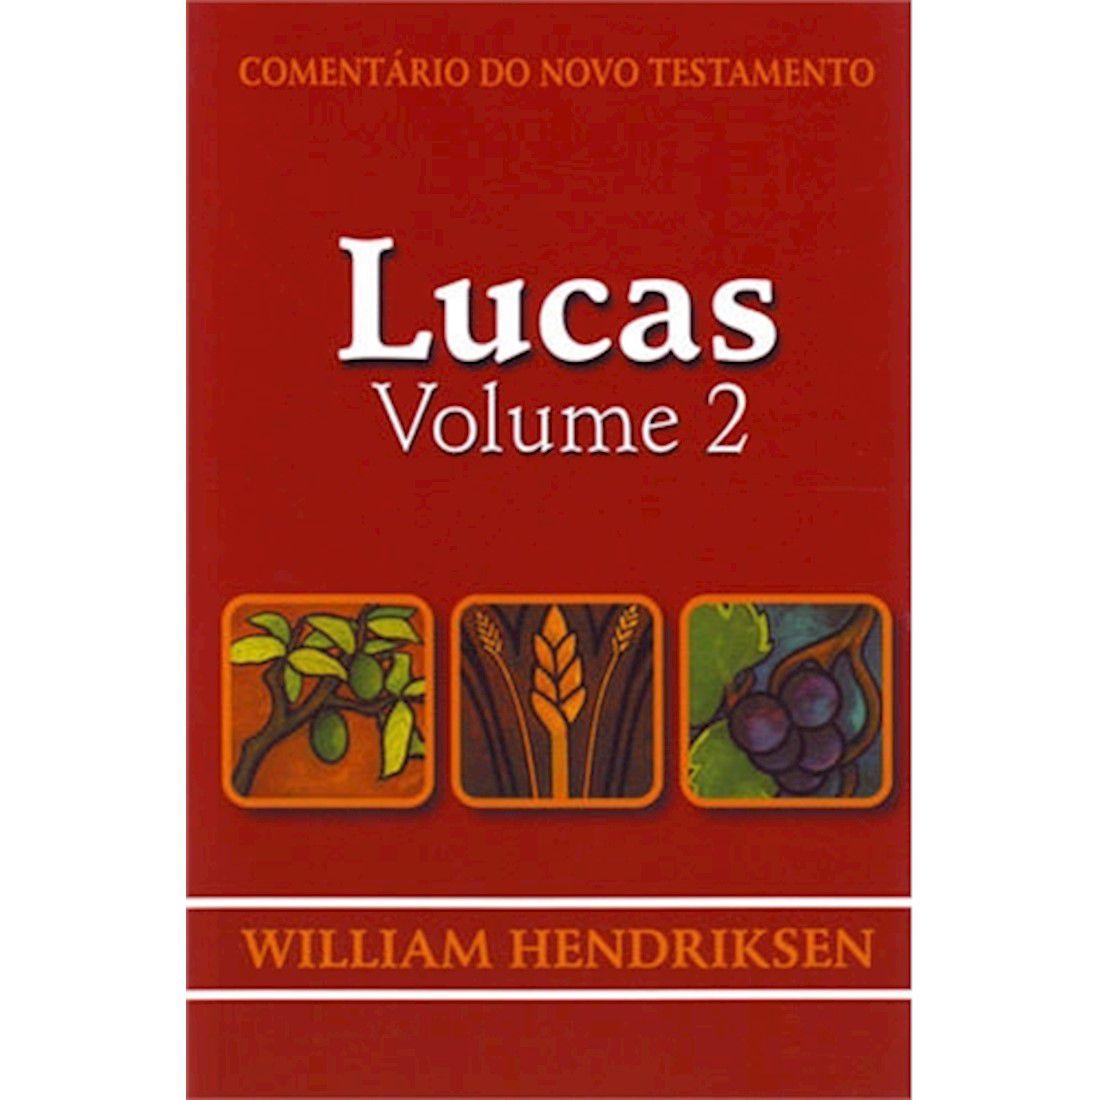 Livro Comentário do Novo Testamento de Lucas - Vol. 2